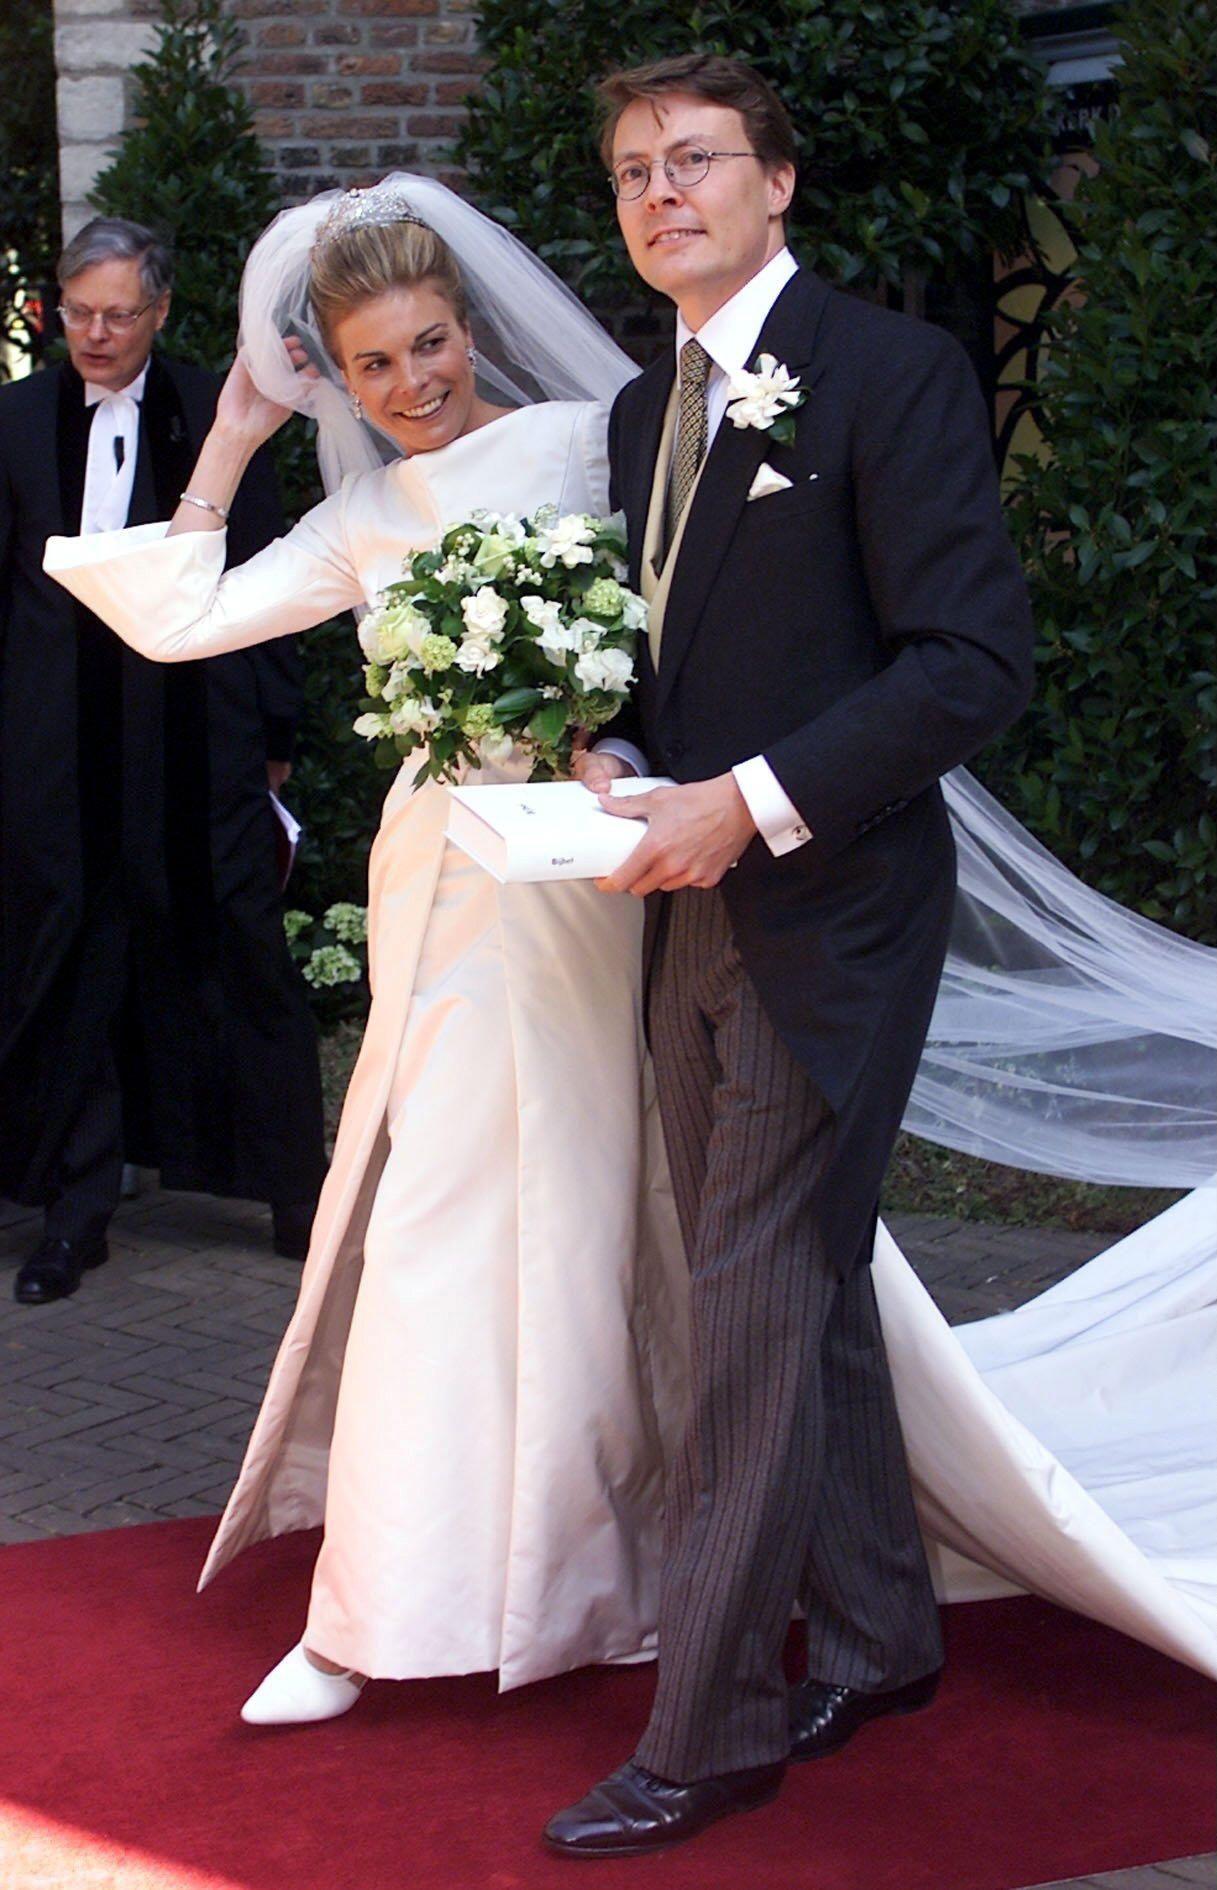 19 Mai 2001 Laurentien Brinkhorst Die Braut Von Prinz Constantijn Tragt An Ihrem Braut Hochzeitskleid Royale Hochzeiten